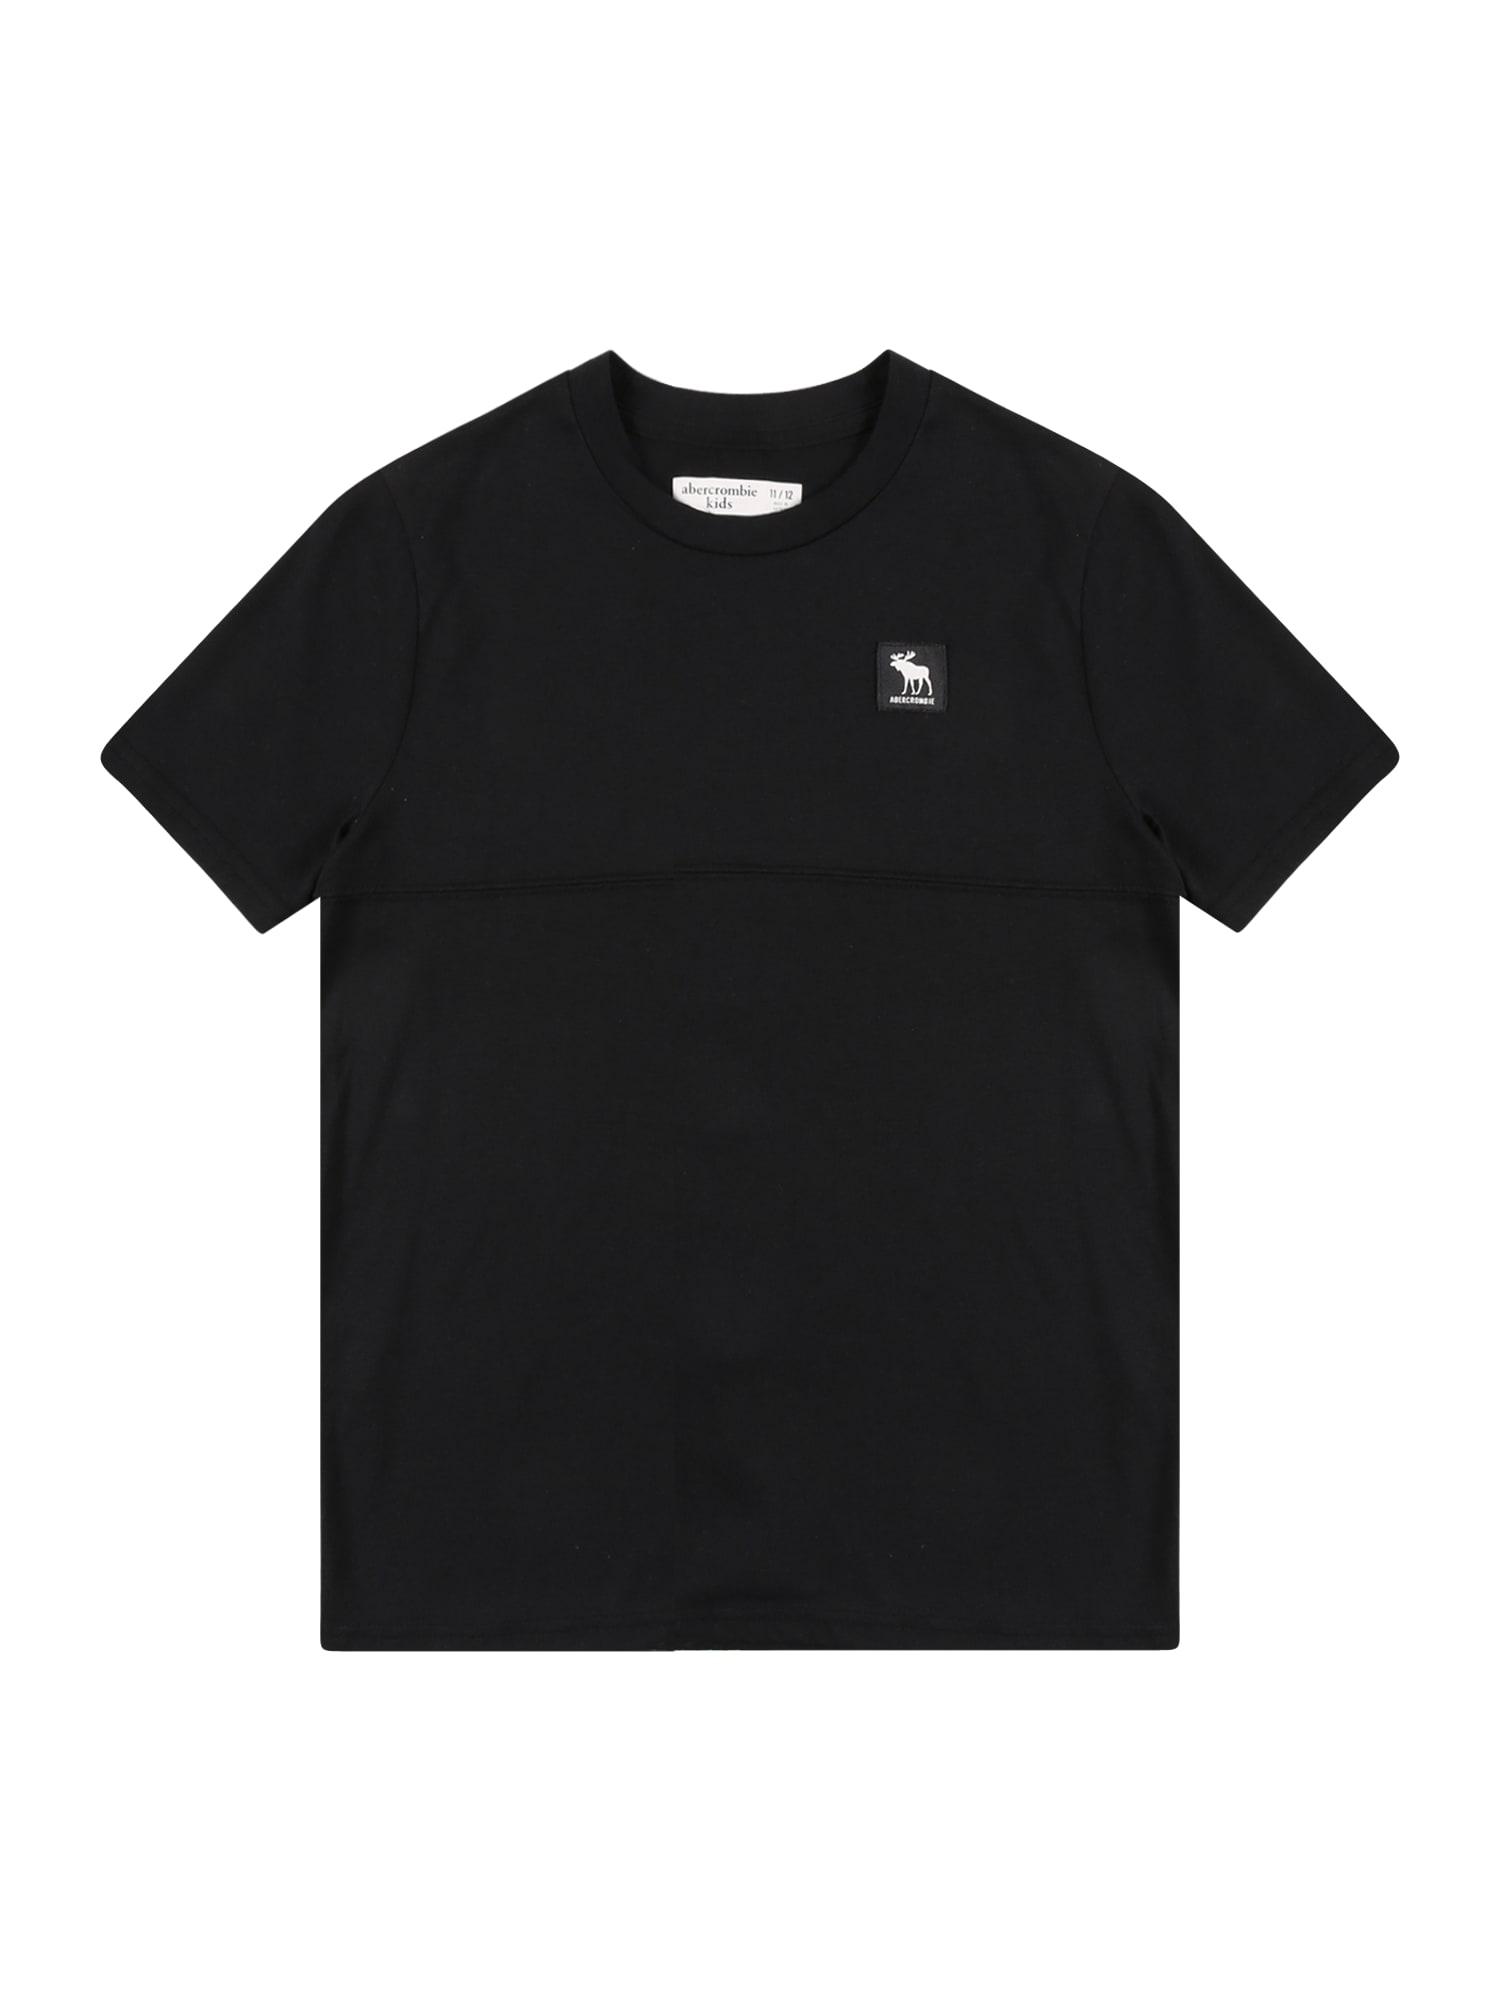 Abercrombie & Fitch Marškinėliai juoda / balta / šviesiai mėlyna / geltona